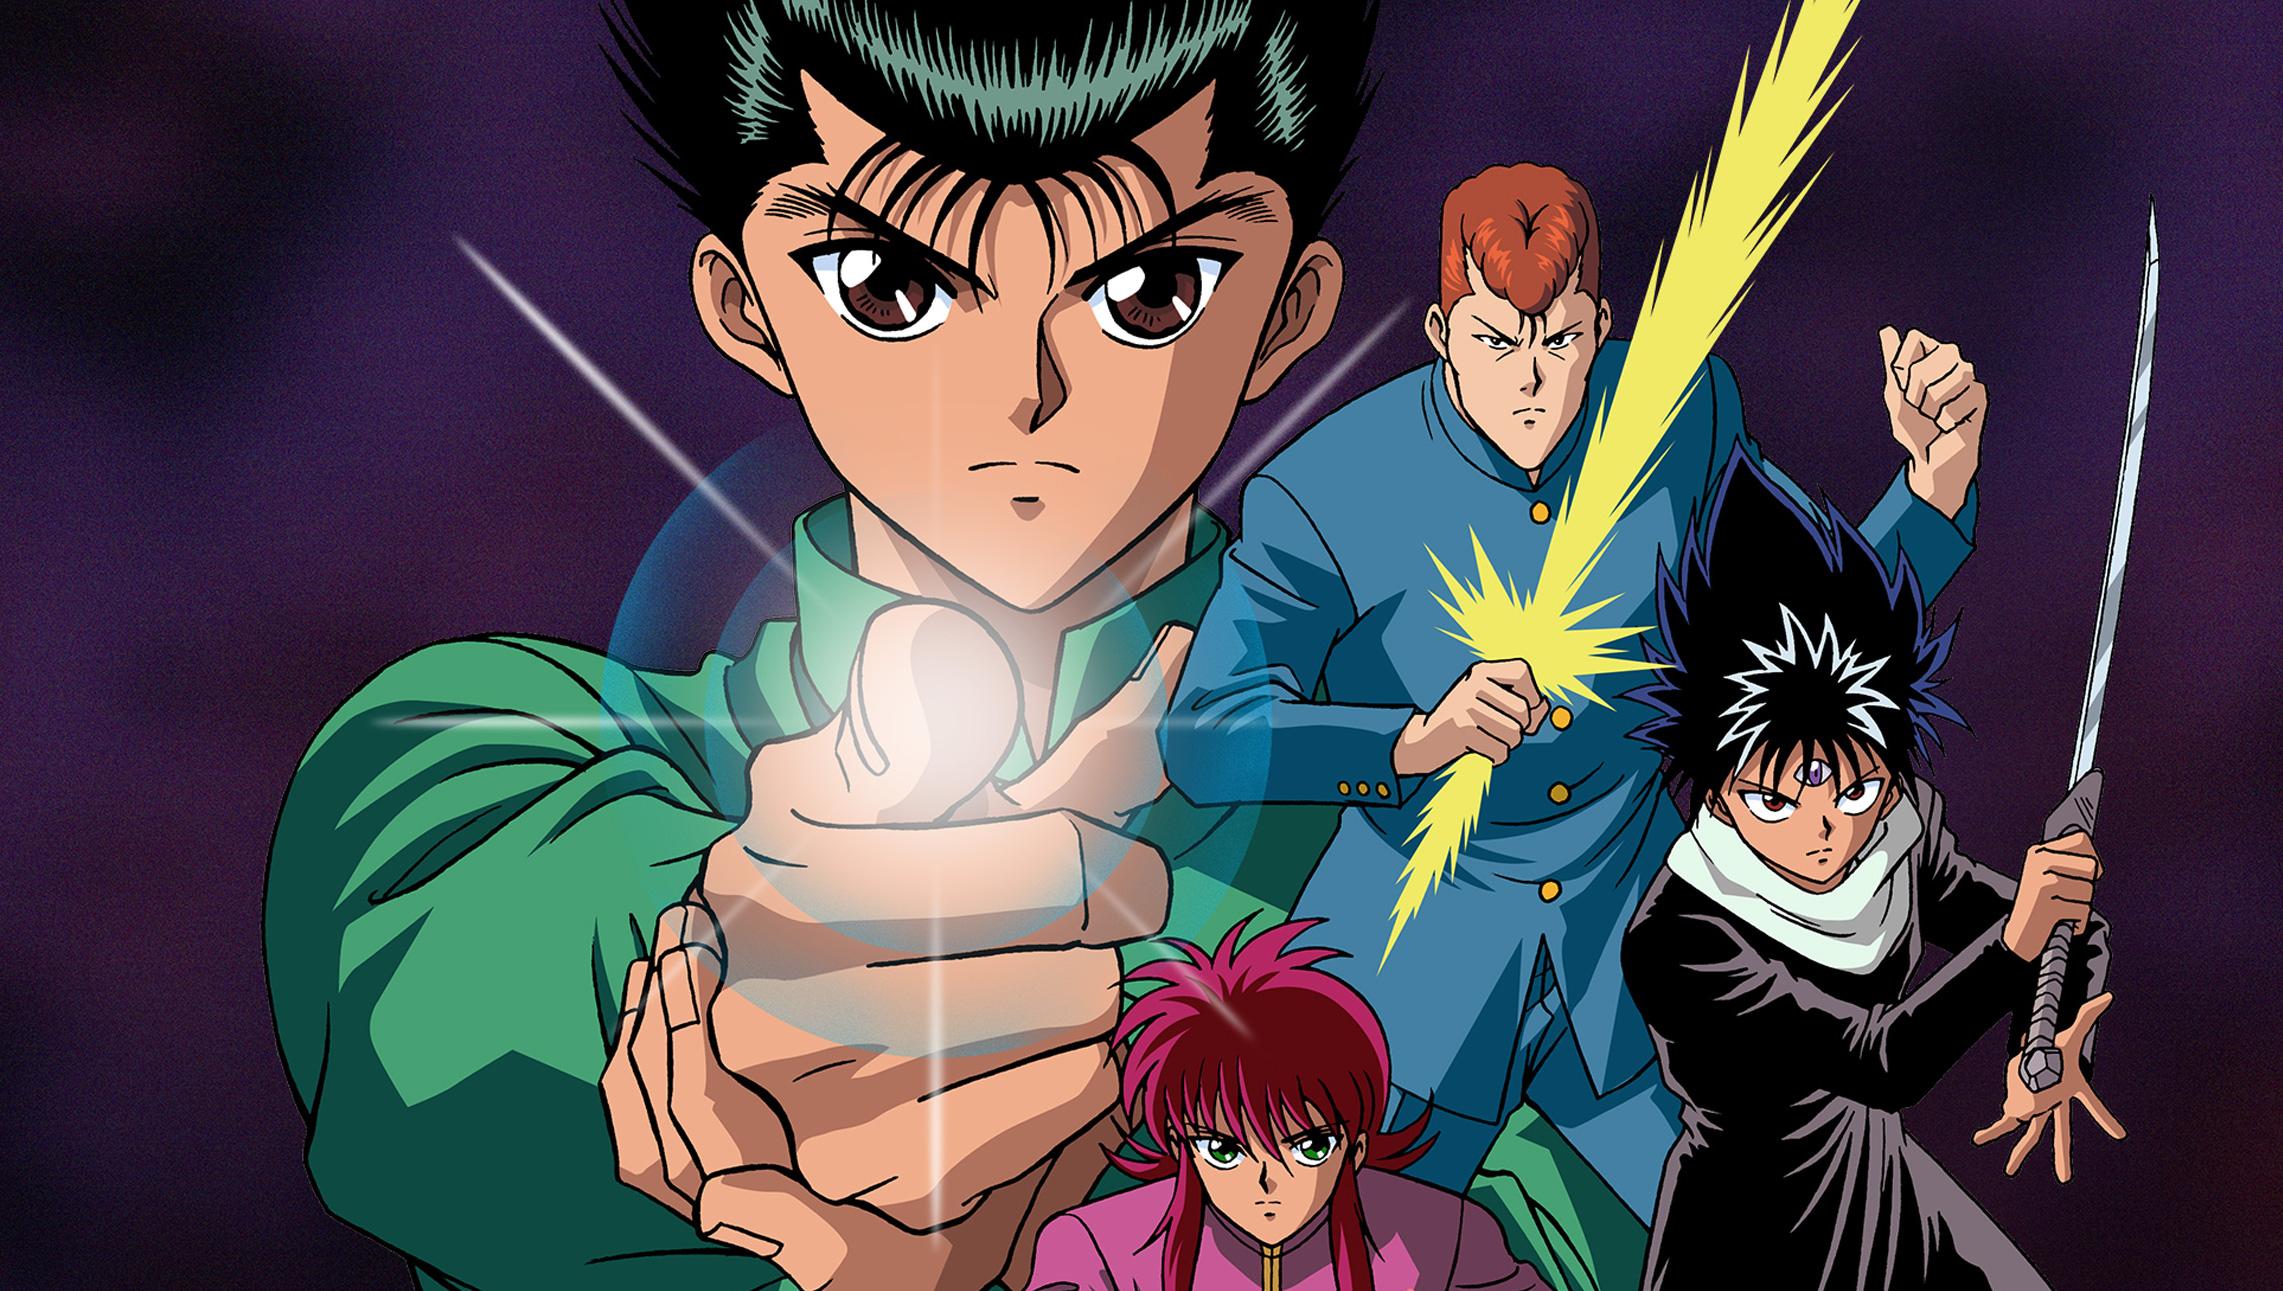 '90s anime